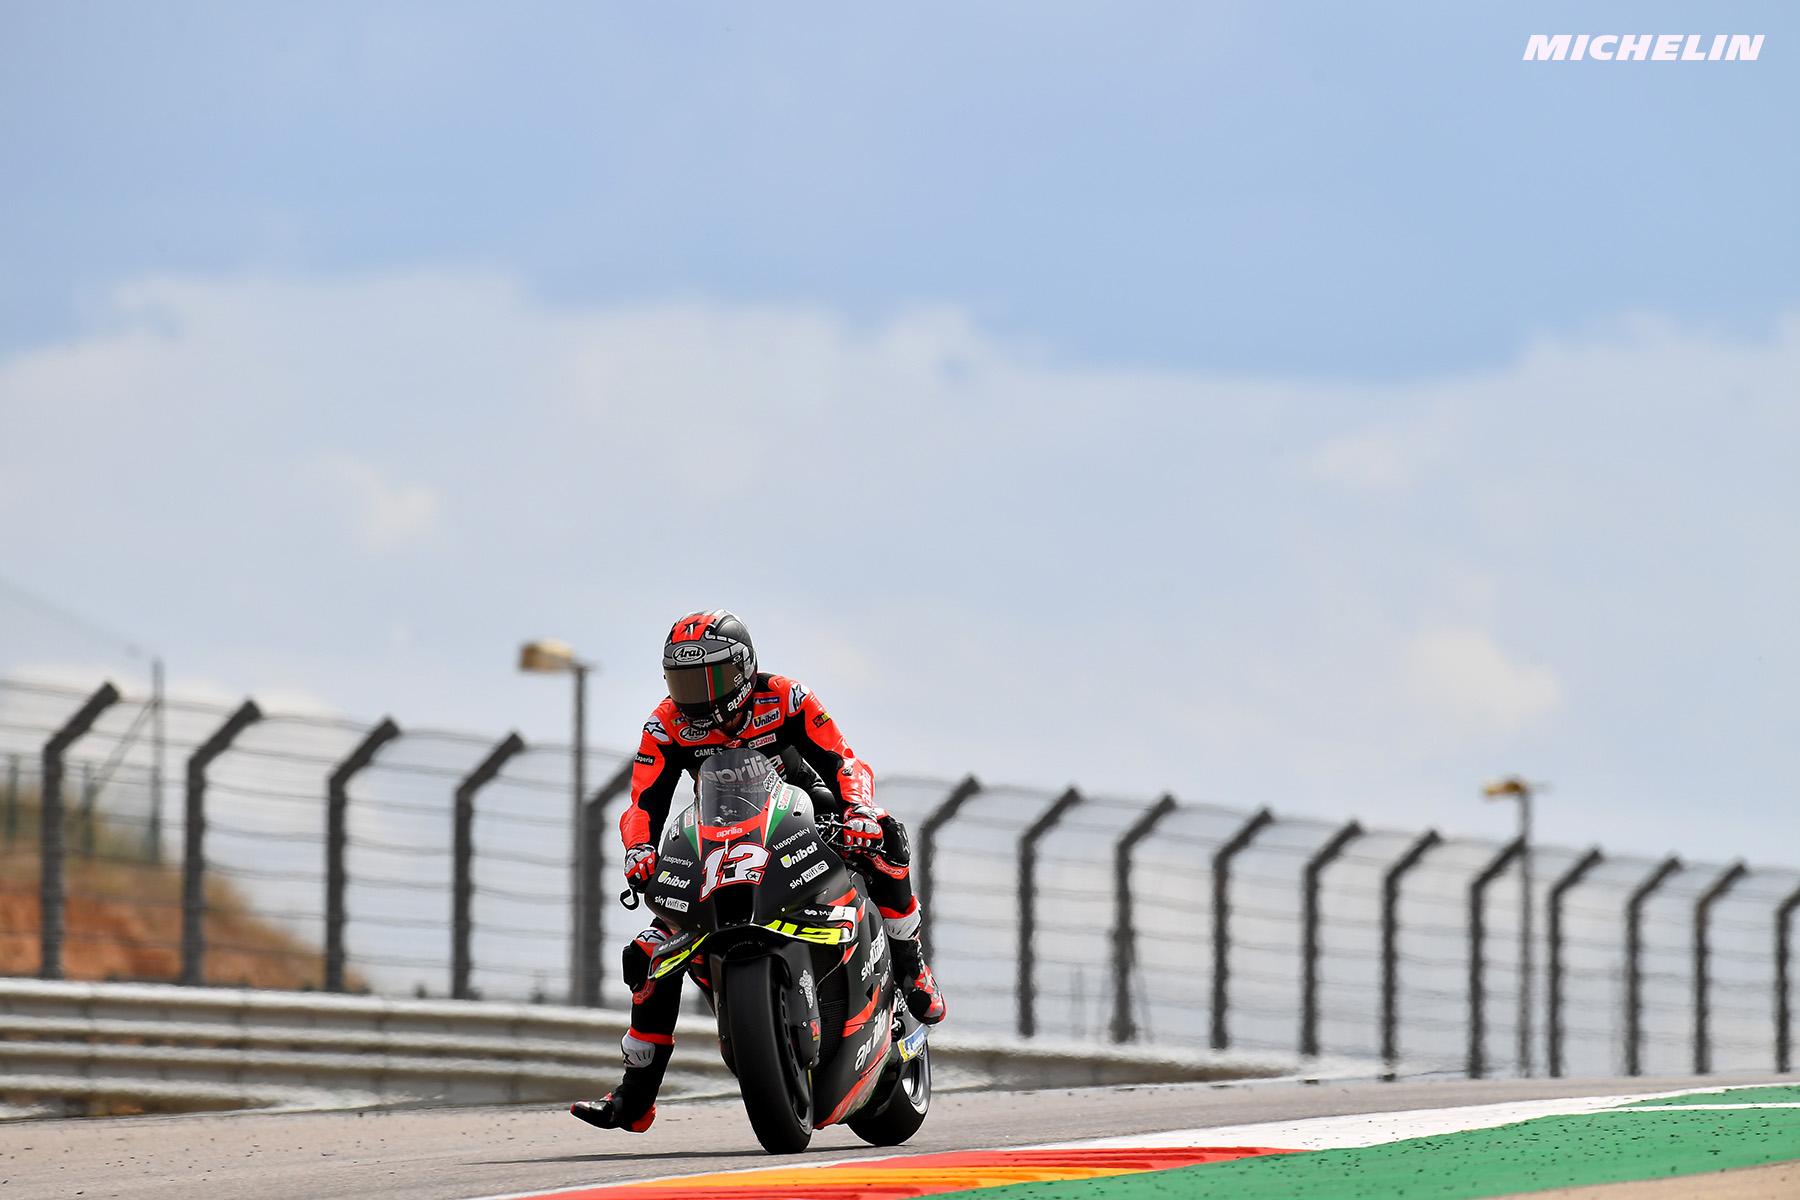 MotoGP2021アラゴンGP マーべリック・ビニャーレス「今までの弱みが強みに変わっている」